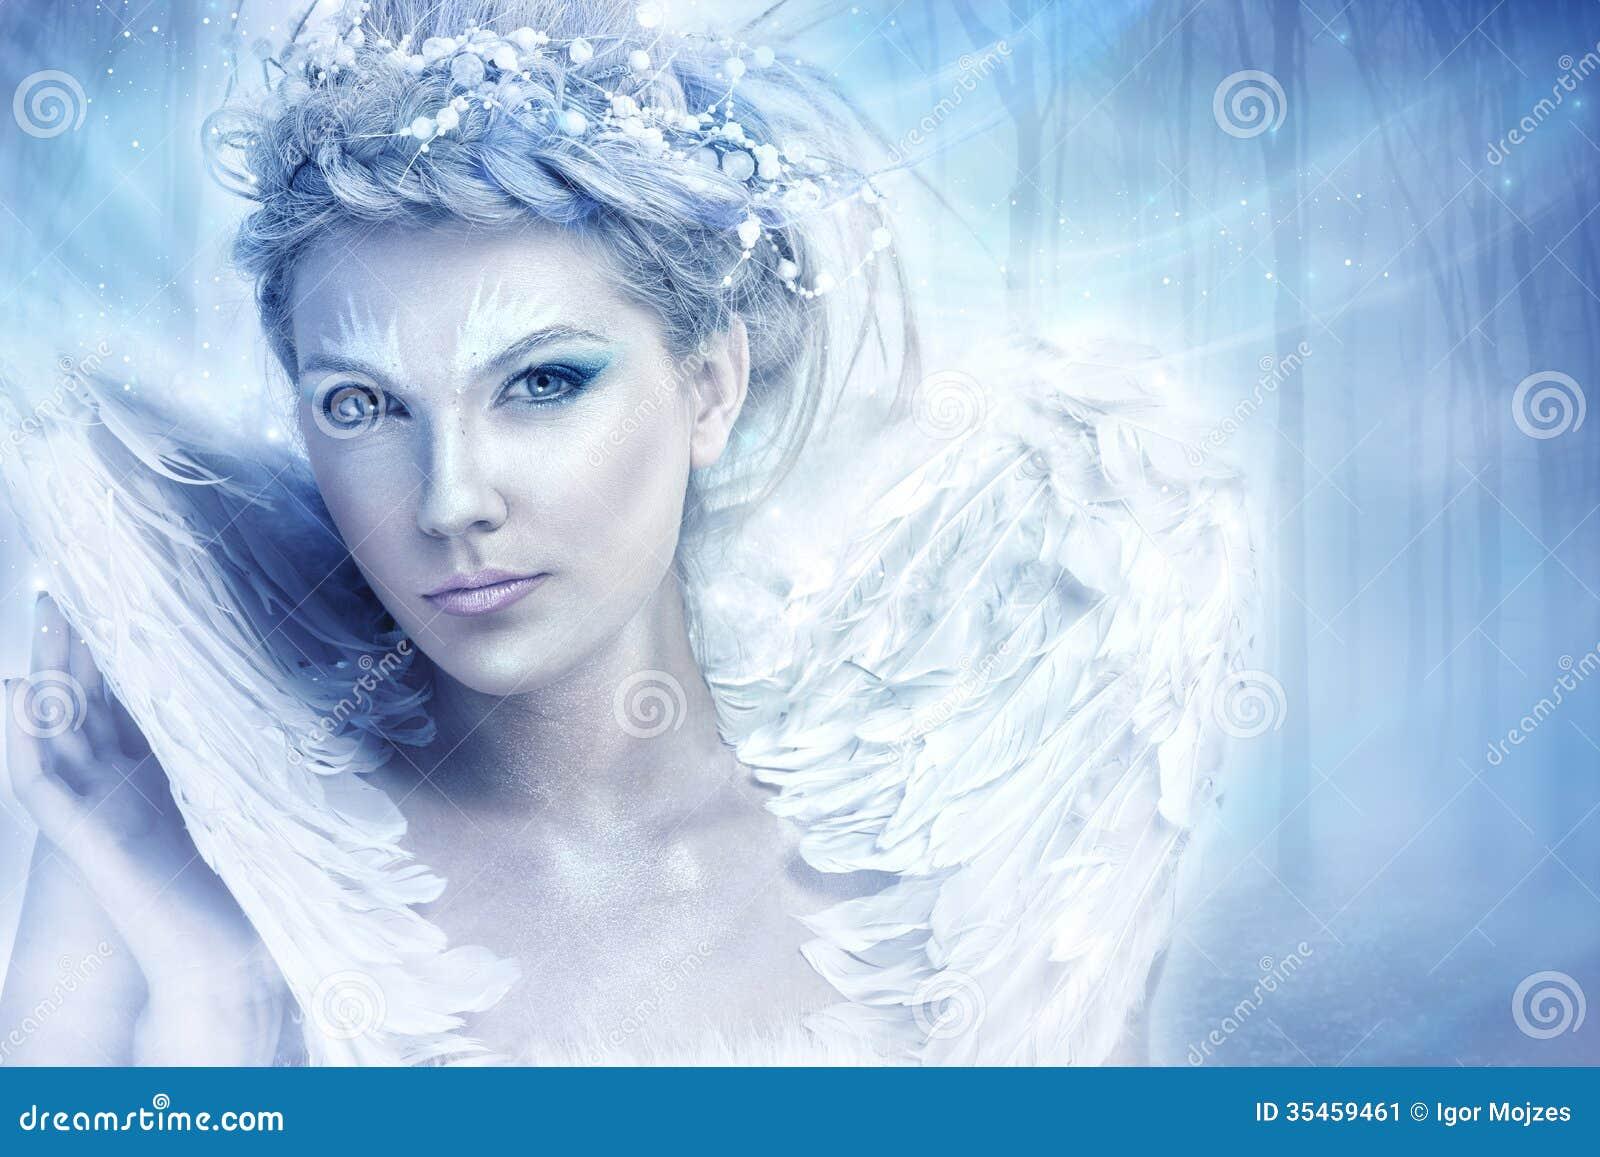 Winter-Königin